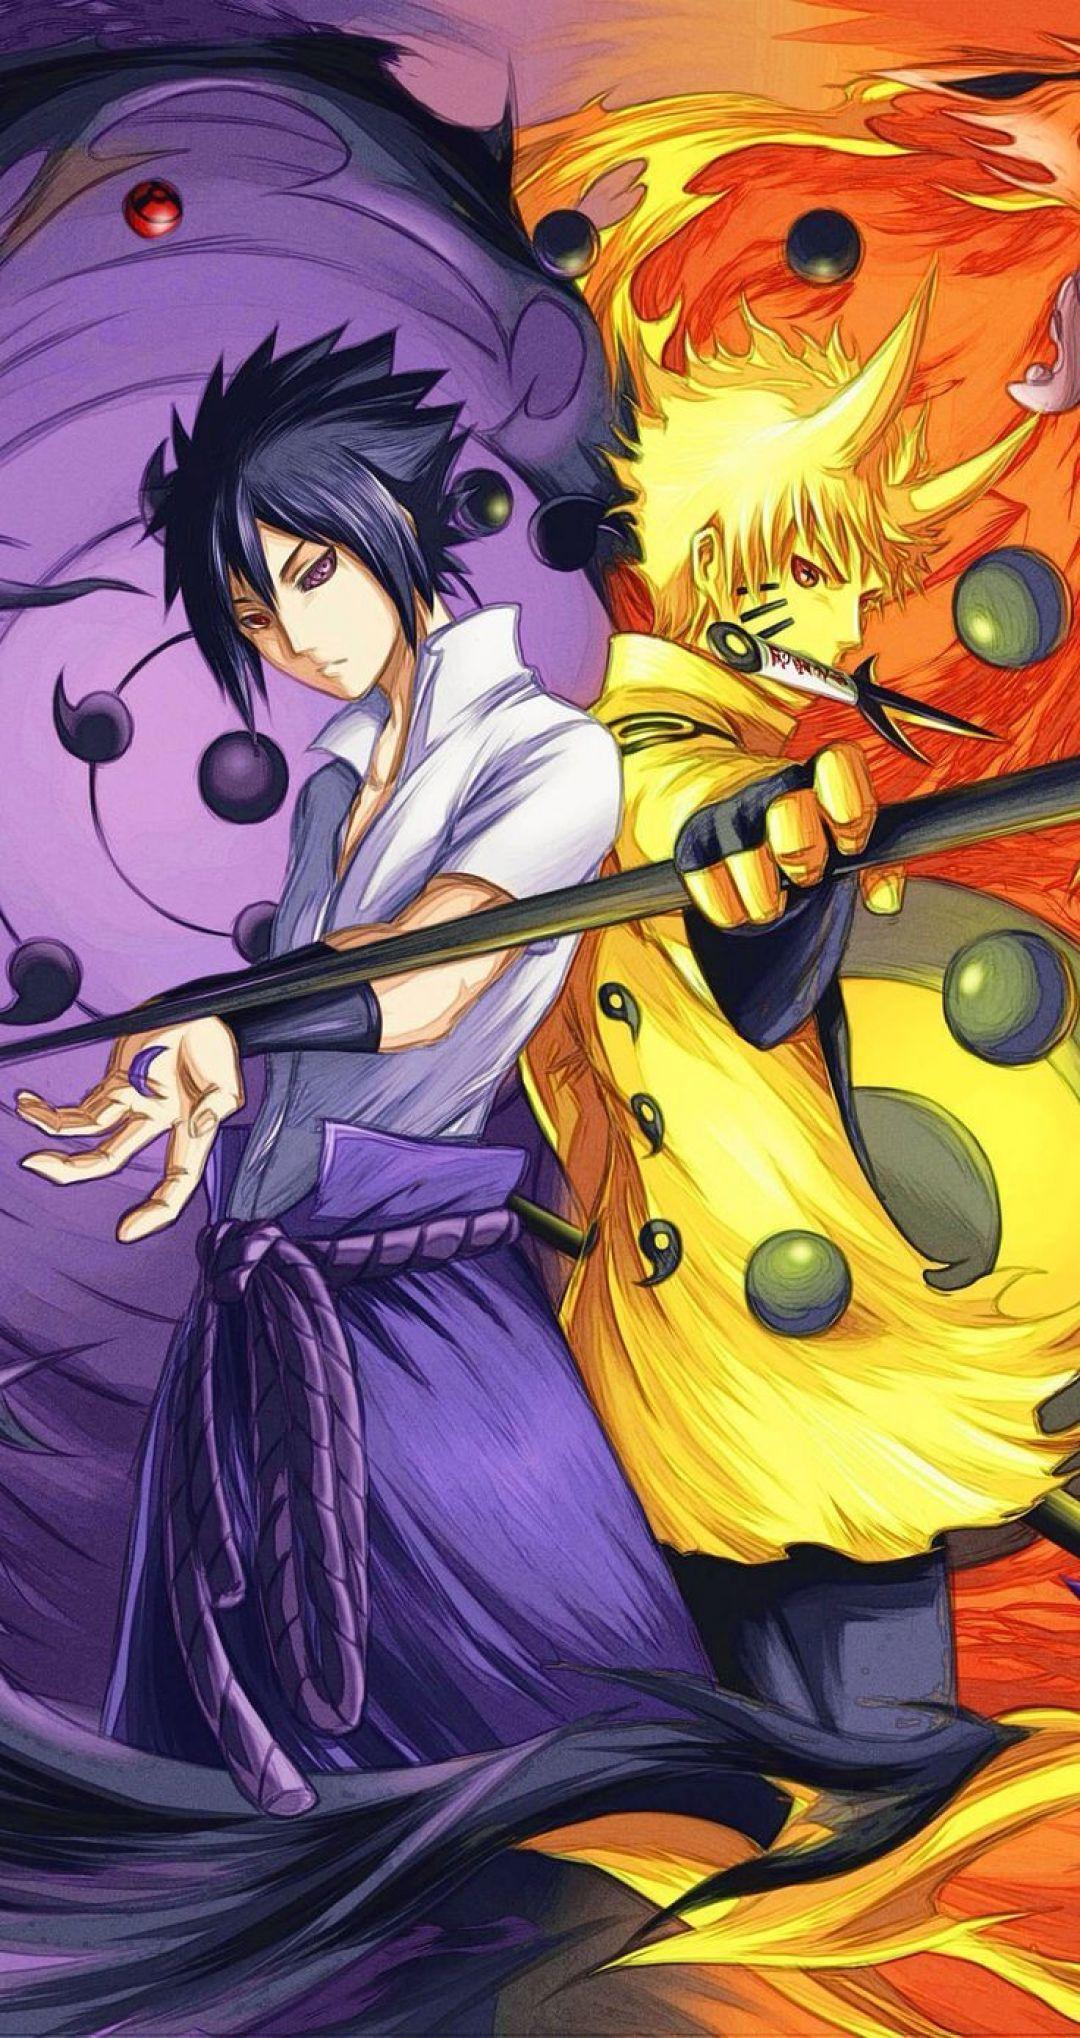 Naruto Shippuden Iphone Naruto And Sasuke Sage Mode 1080x2038 Wallpaper Teahub Io